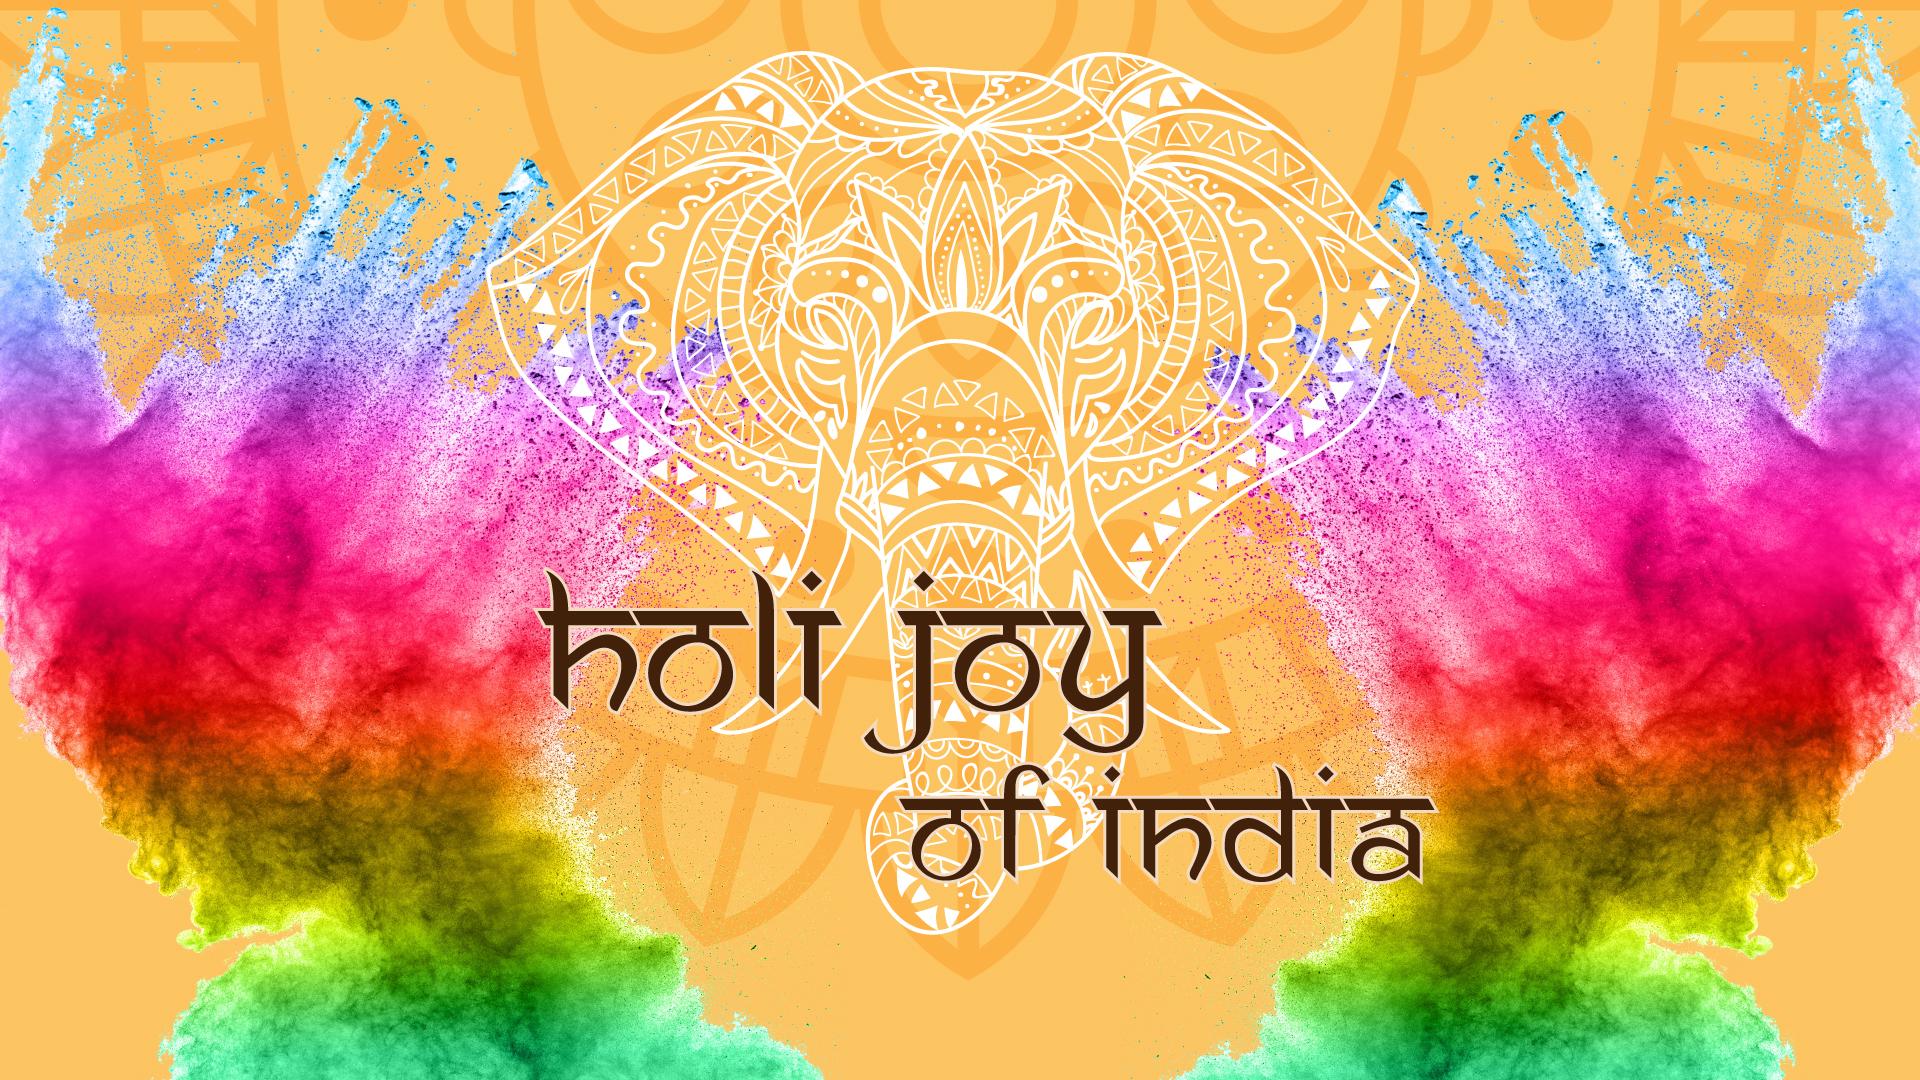 Holi-Joy-of-India